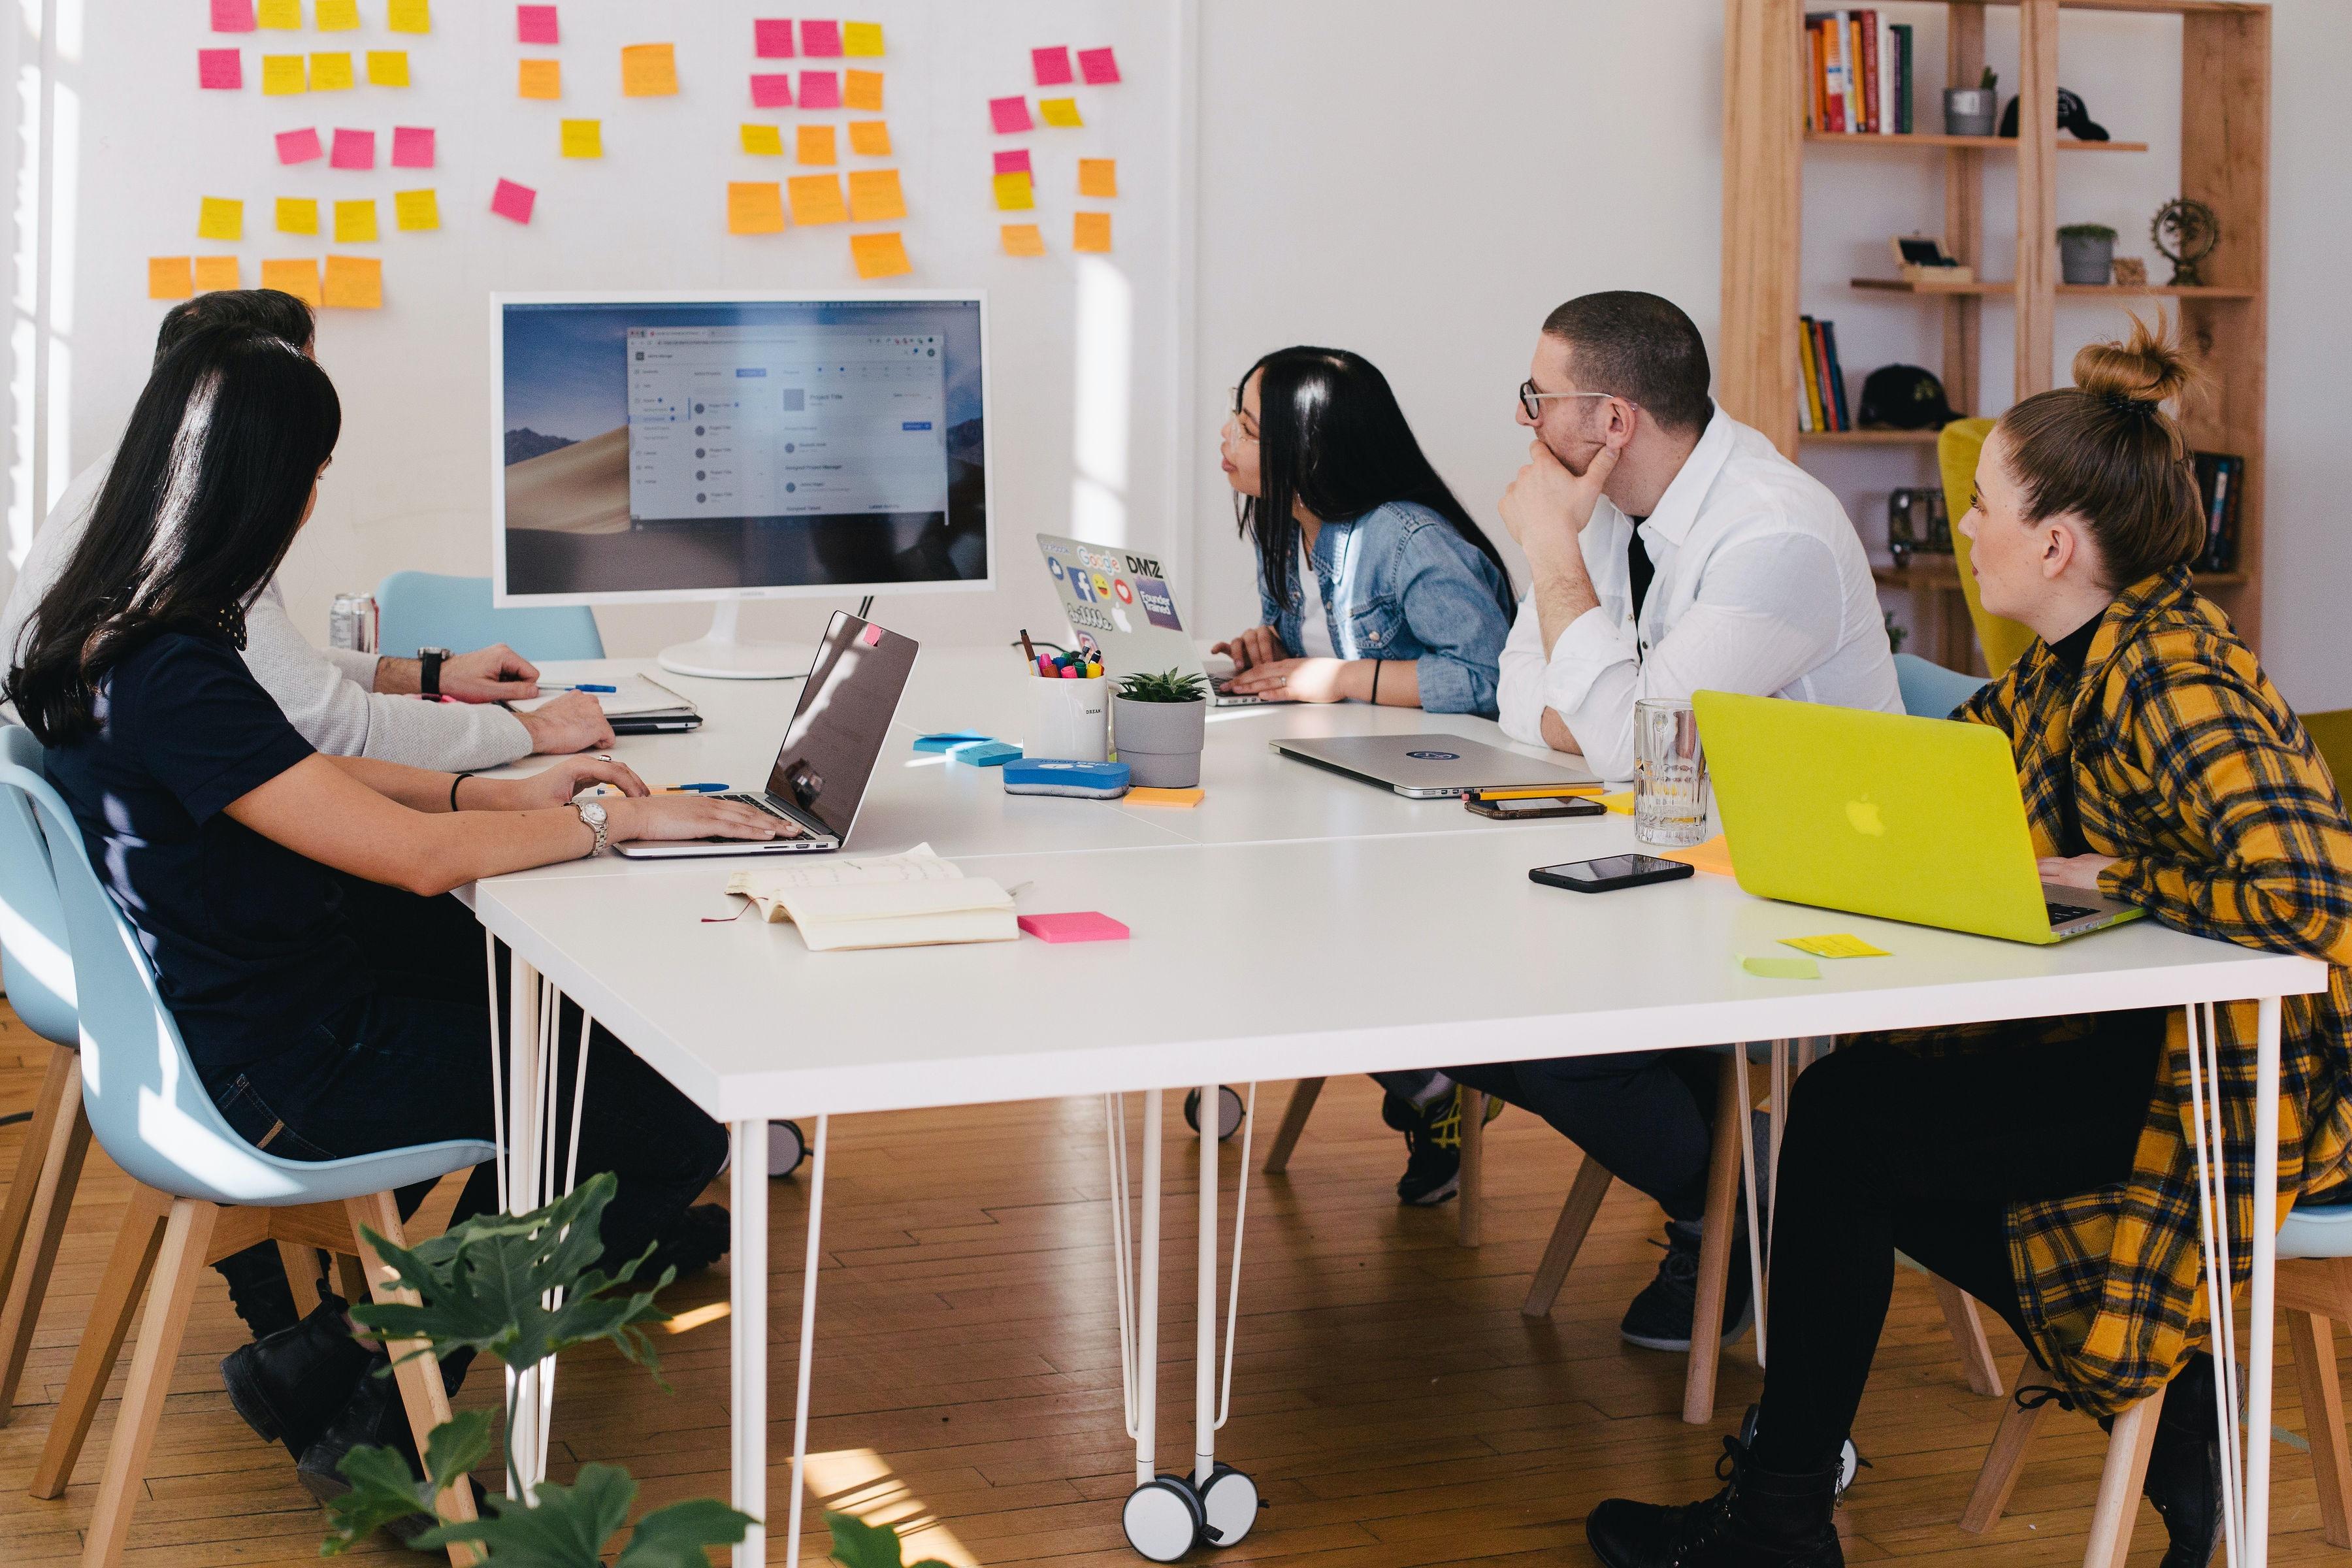 10 Passos para Criar um Workshop Colaborativo